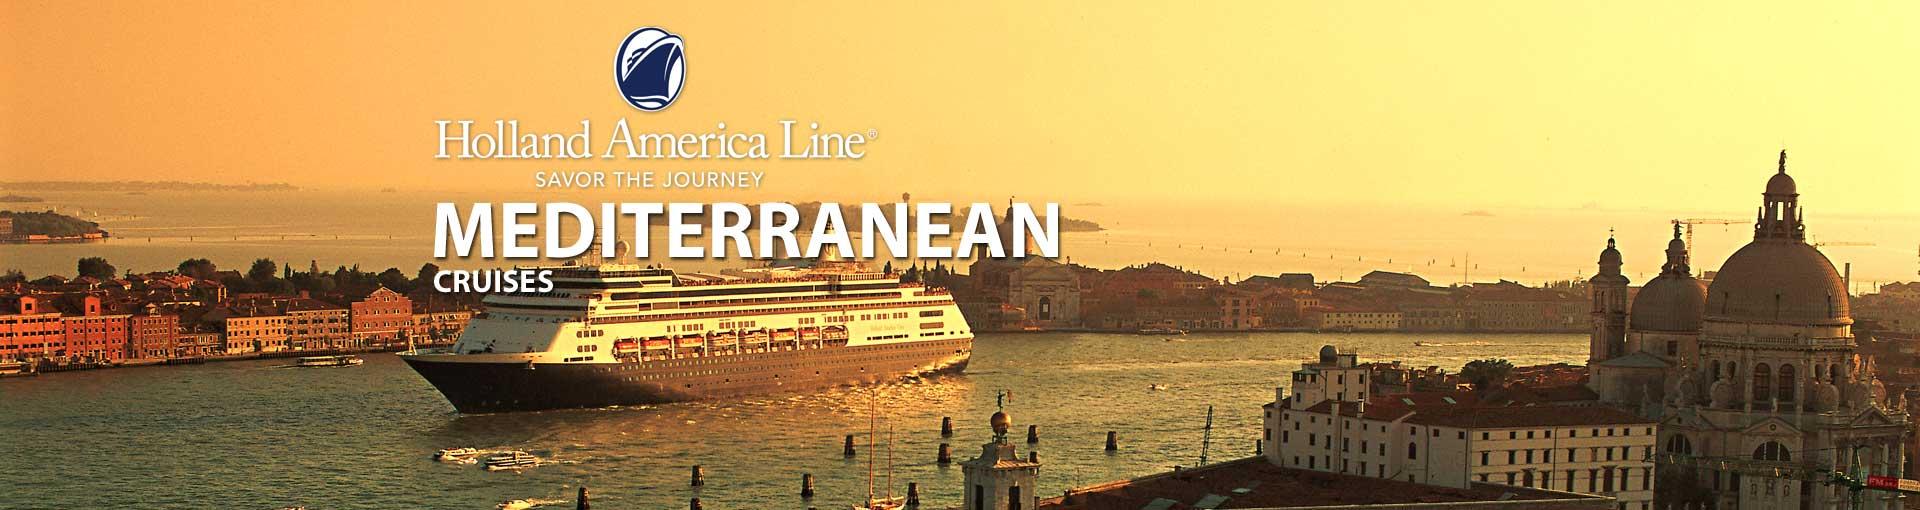 Holland America Mediterranean Cruises